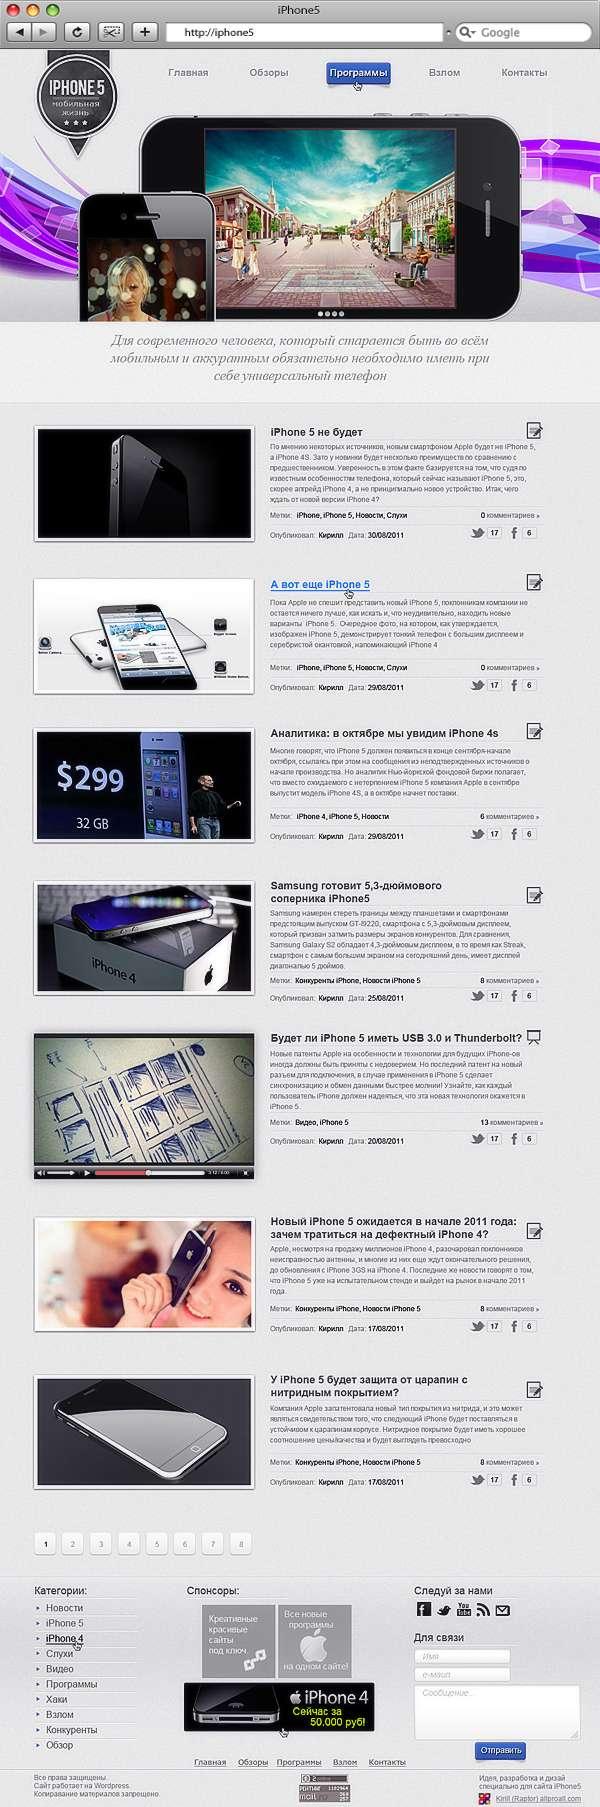 Макет: iPhone 5